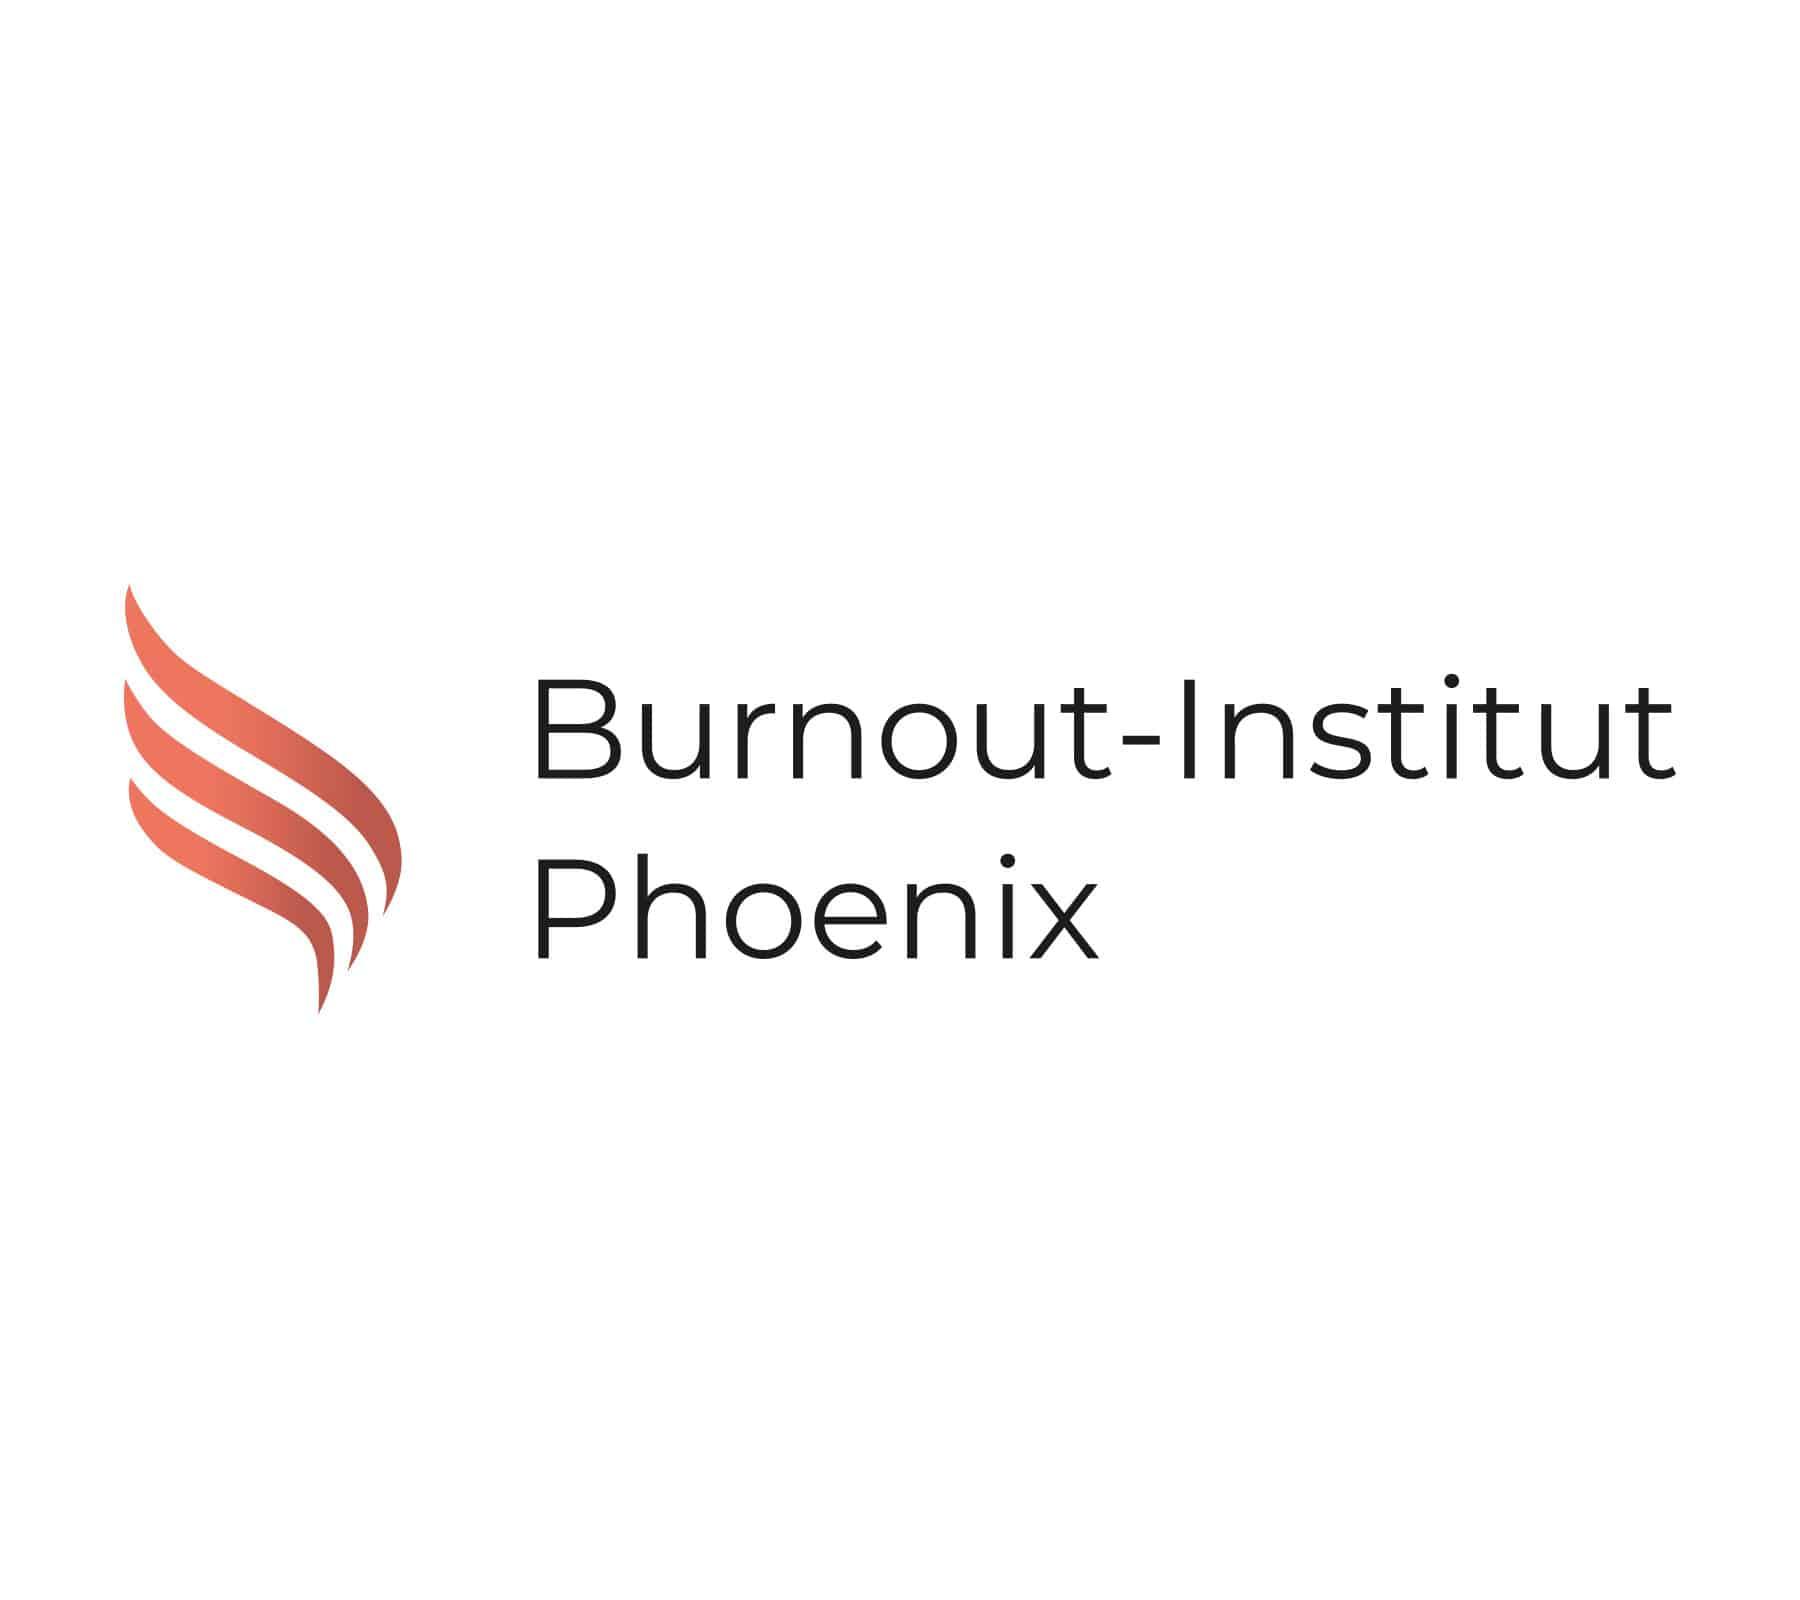 Logo Burnout-Institut Phoenix